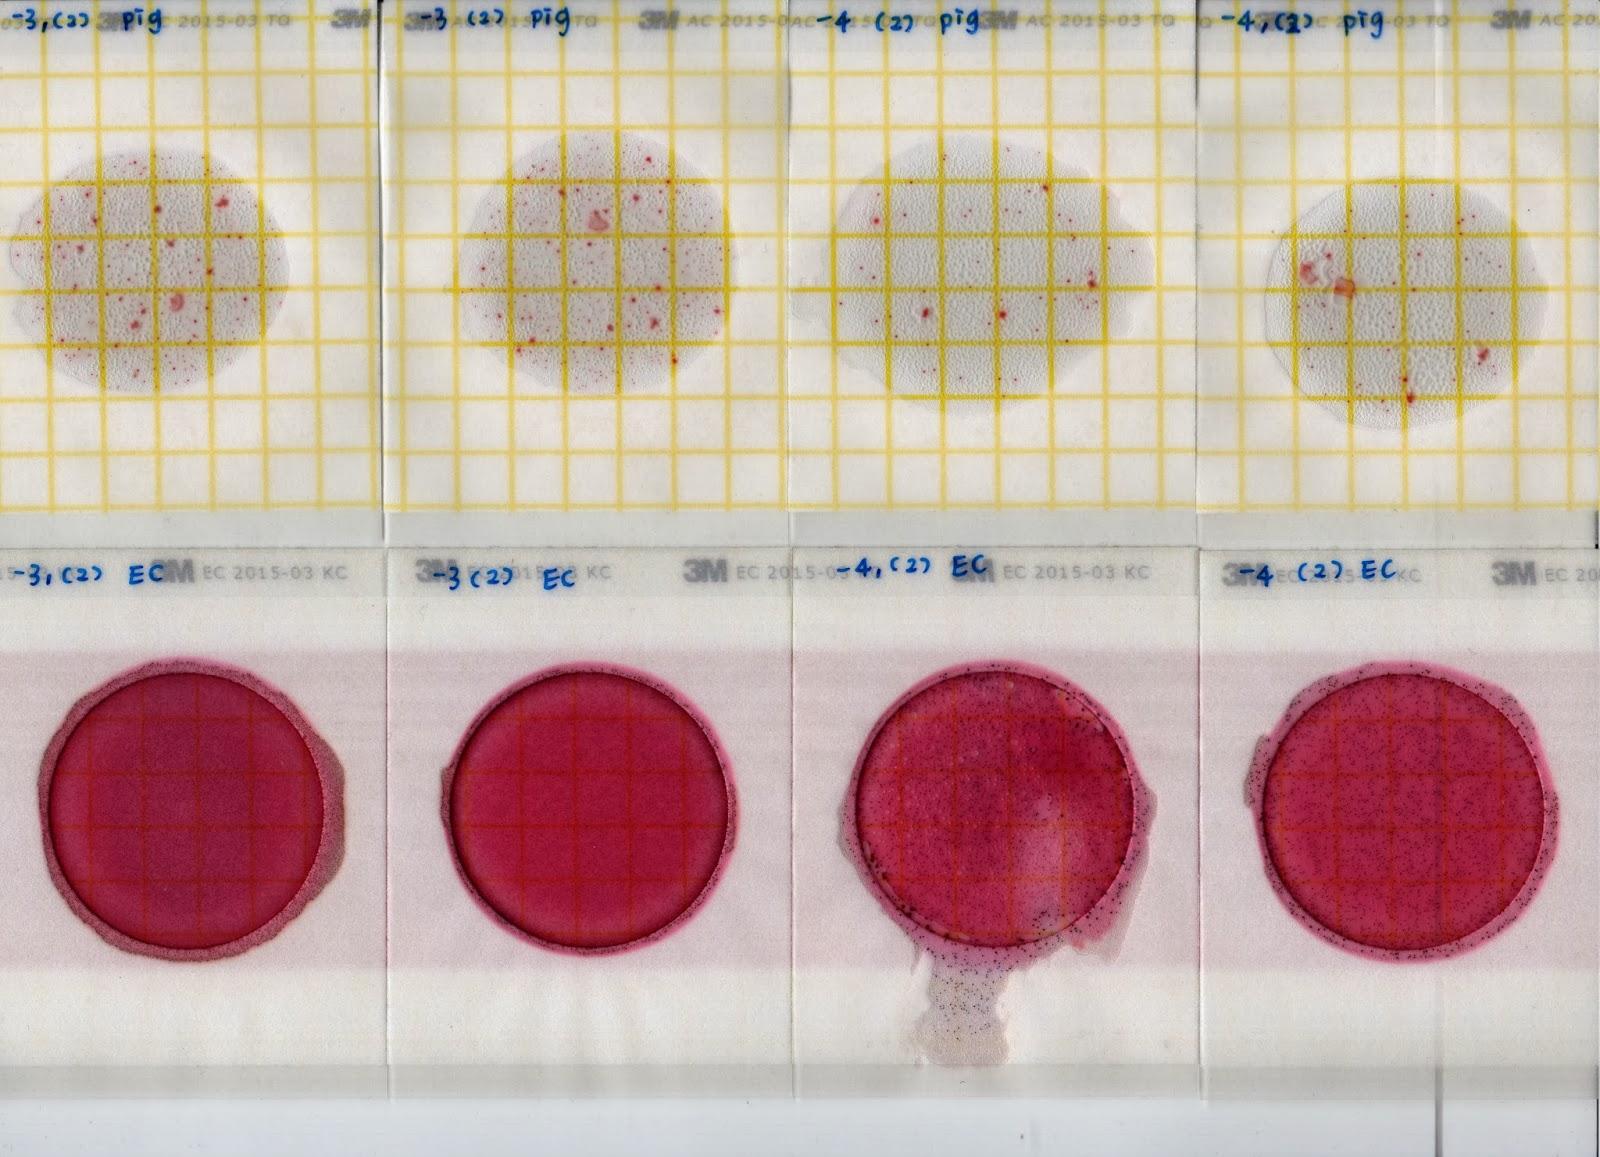 阿原開放式課程One Dollar's Open Courseware: 使用 3M Petrifilm 檢測片測定菌數02